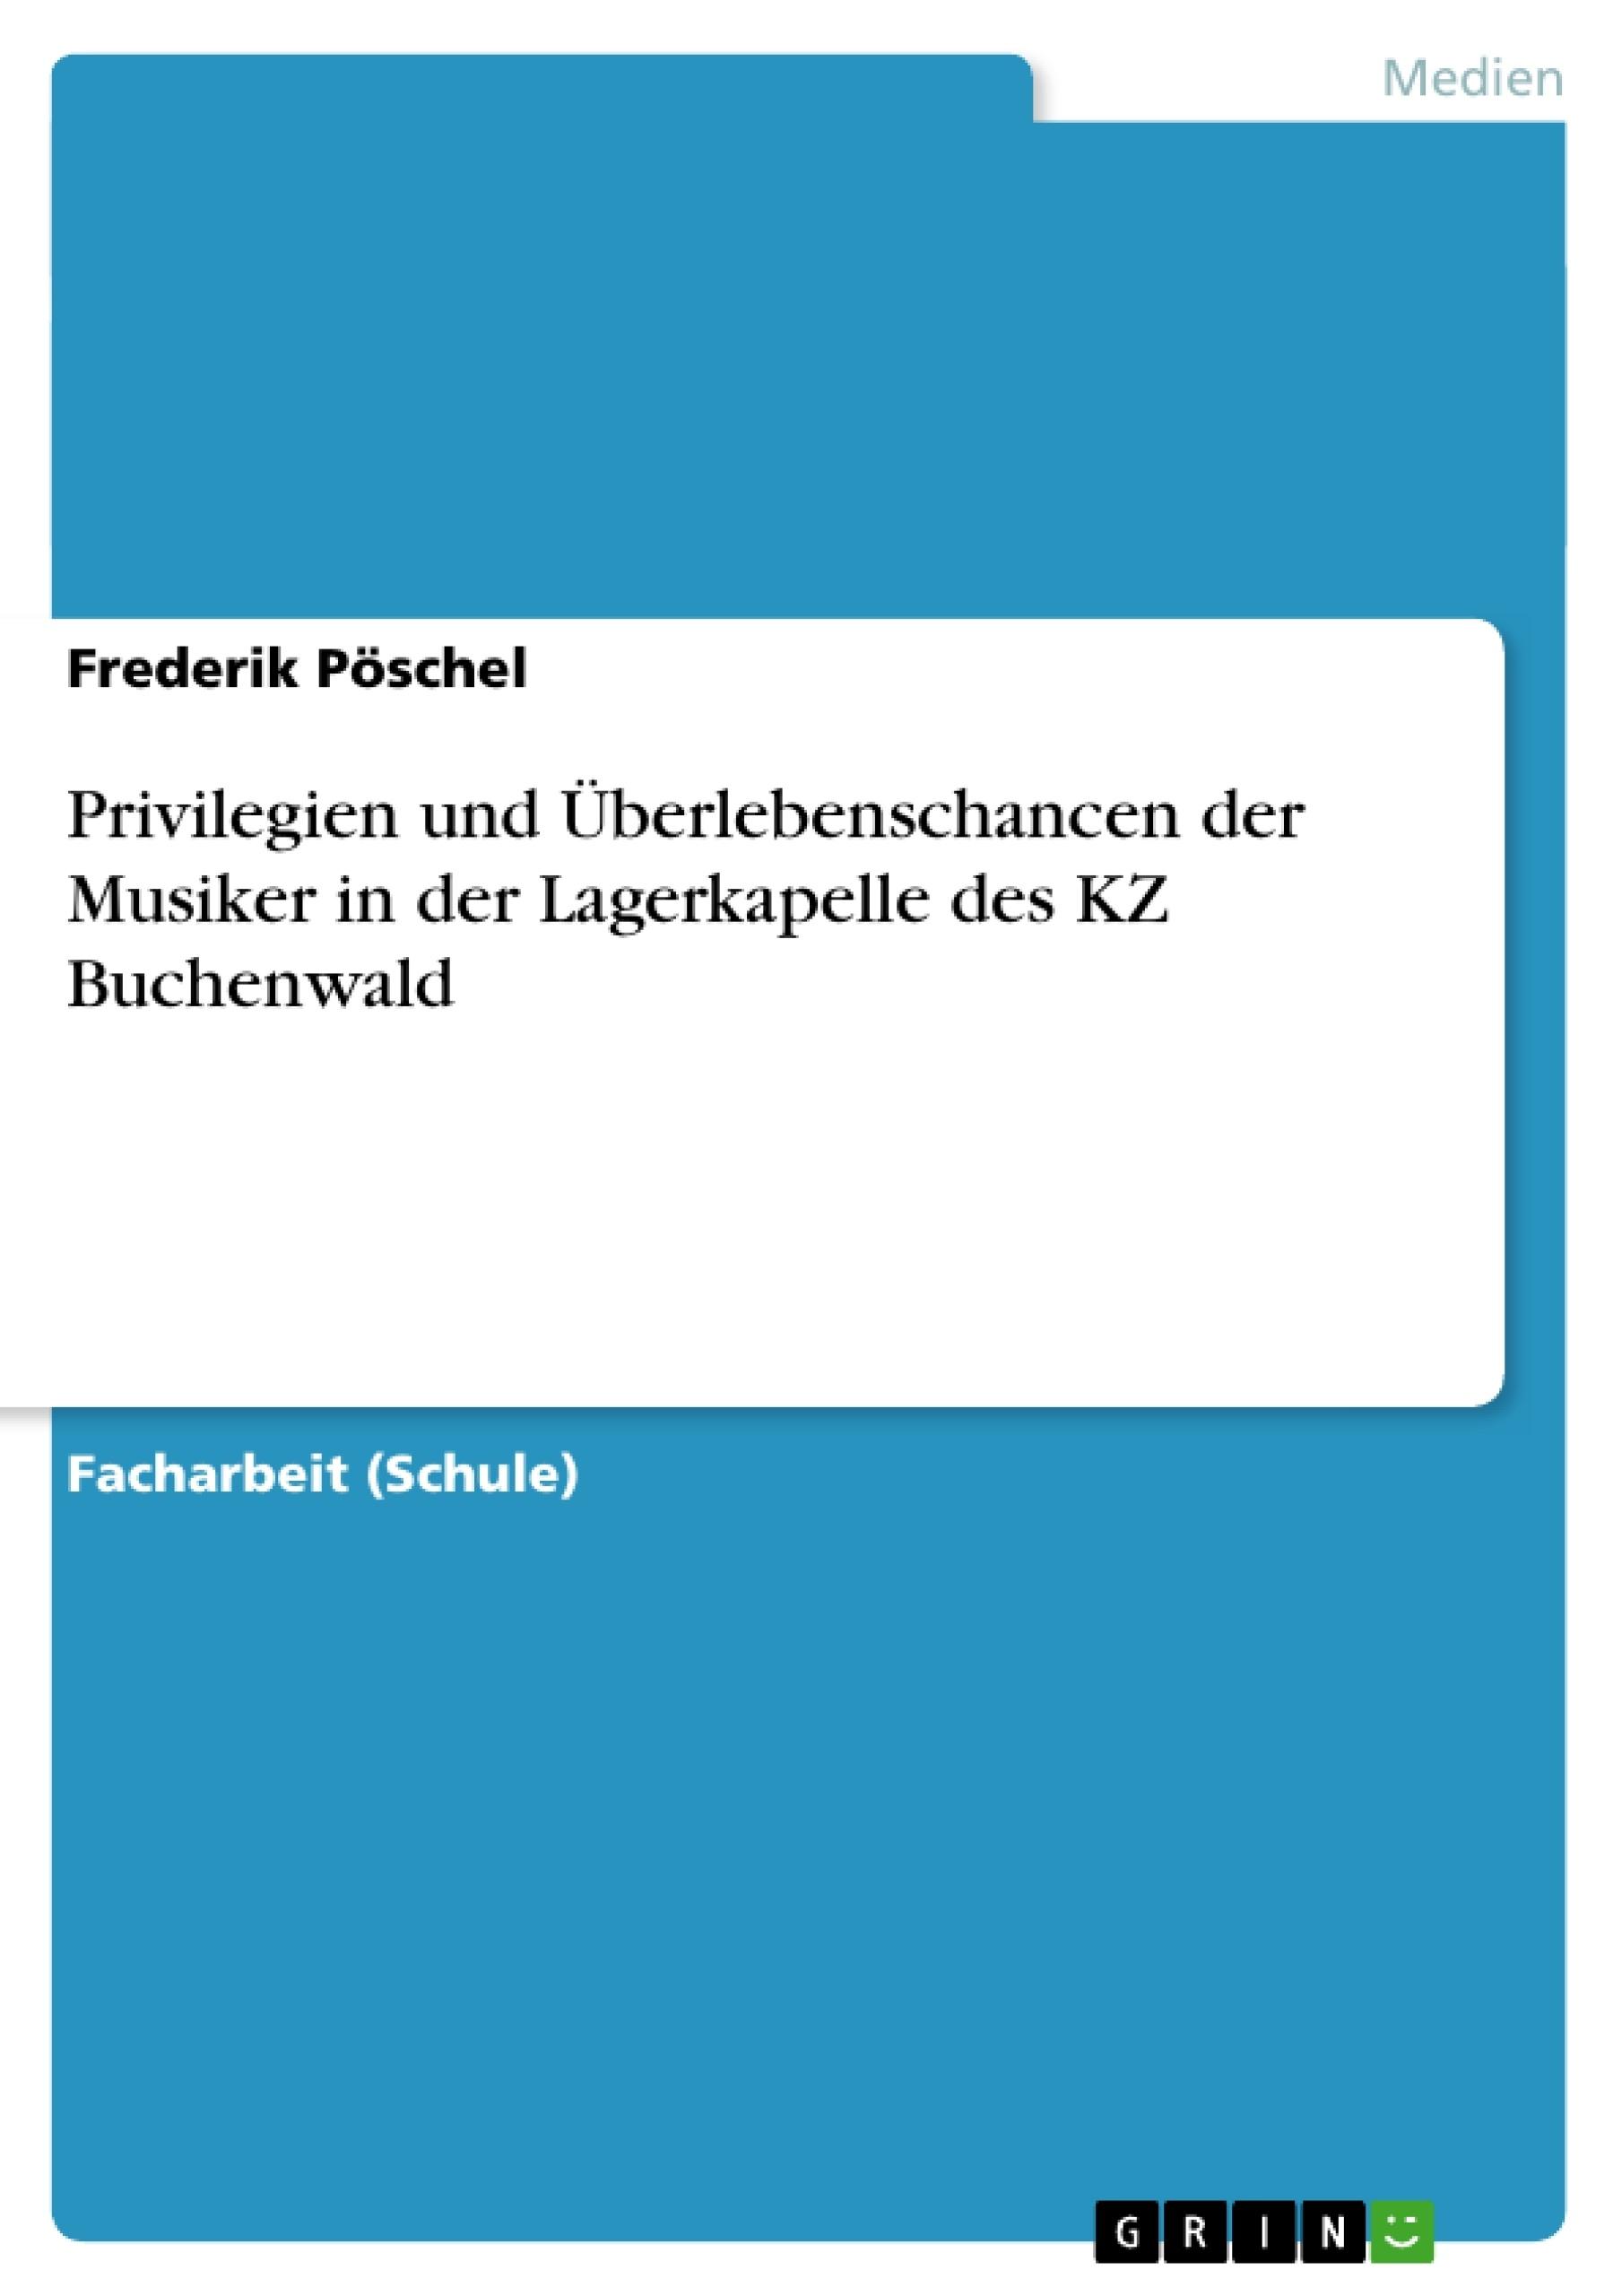 Titel: Privilegien und Überlebenschancen der Musiker in der Lagerkapelle des KZ Buchenwald